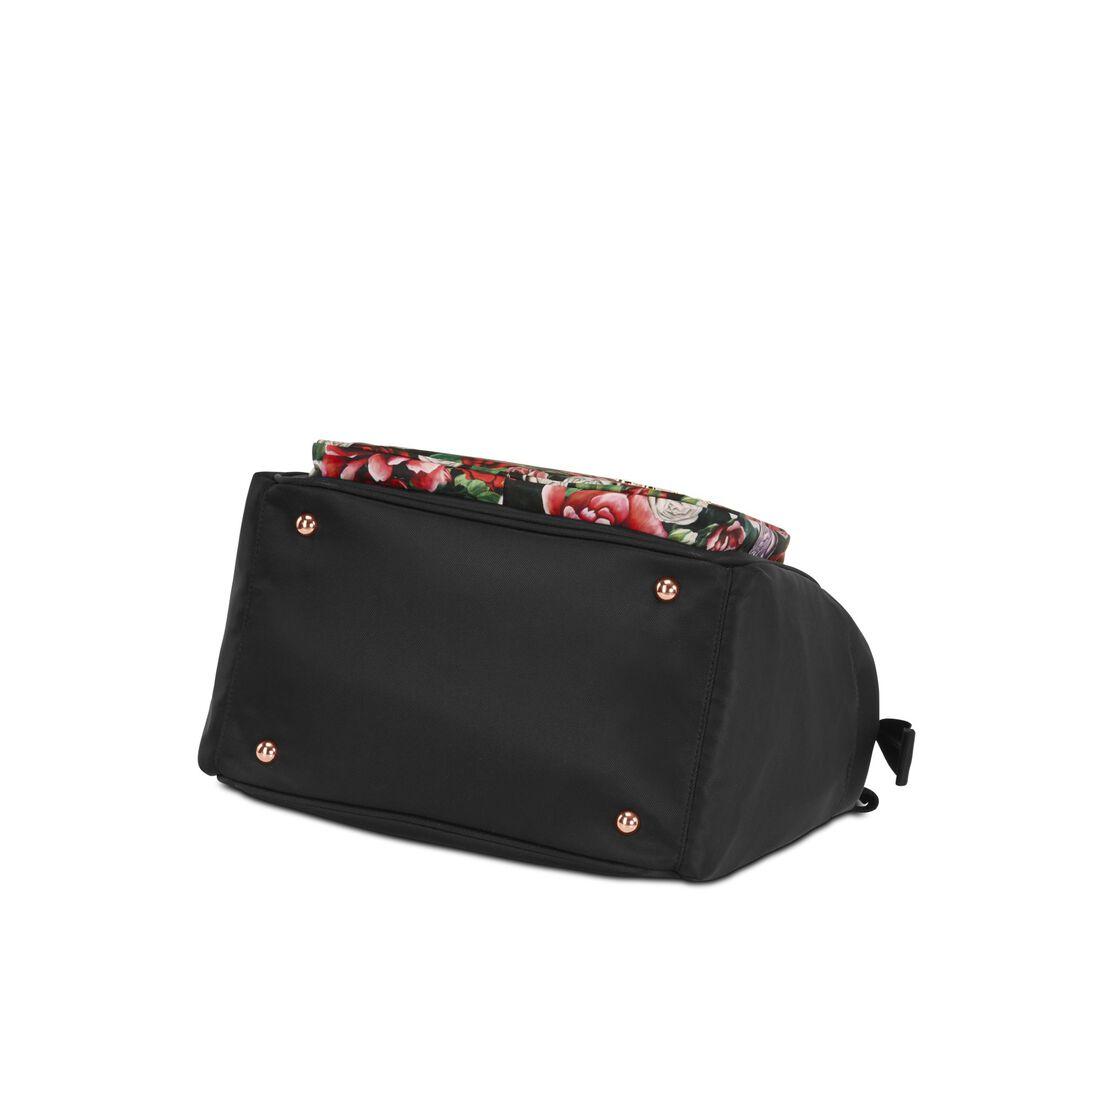 CYBEX Changing Bag Stroller  - Spring Blossom Dark in Spring Blossom Dark large image number 5